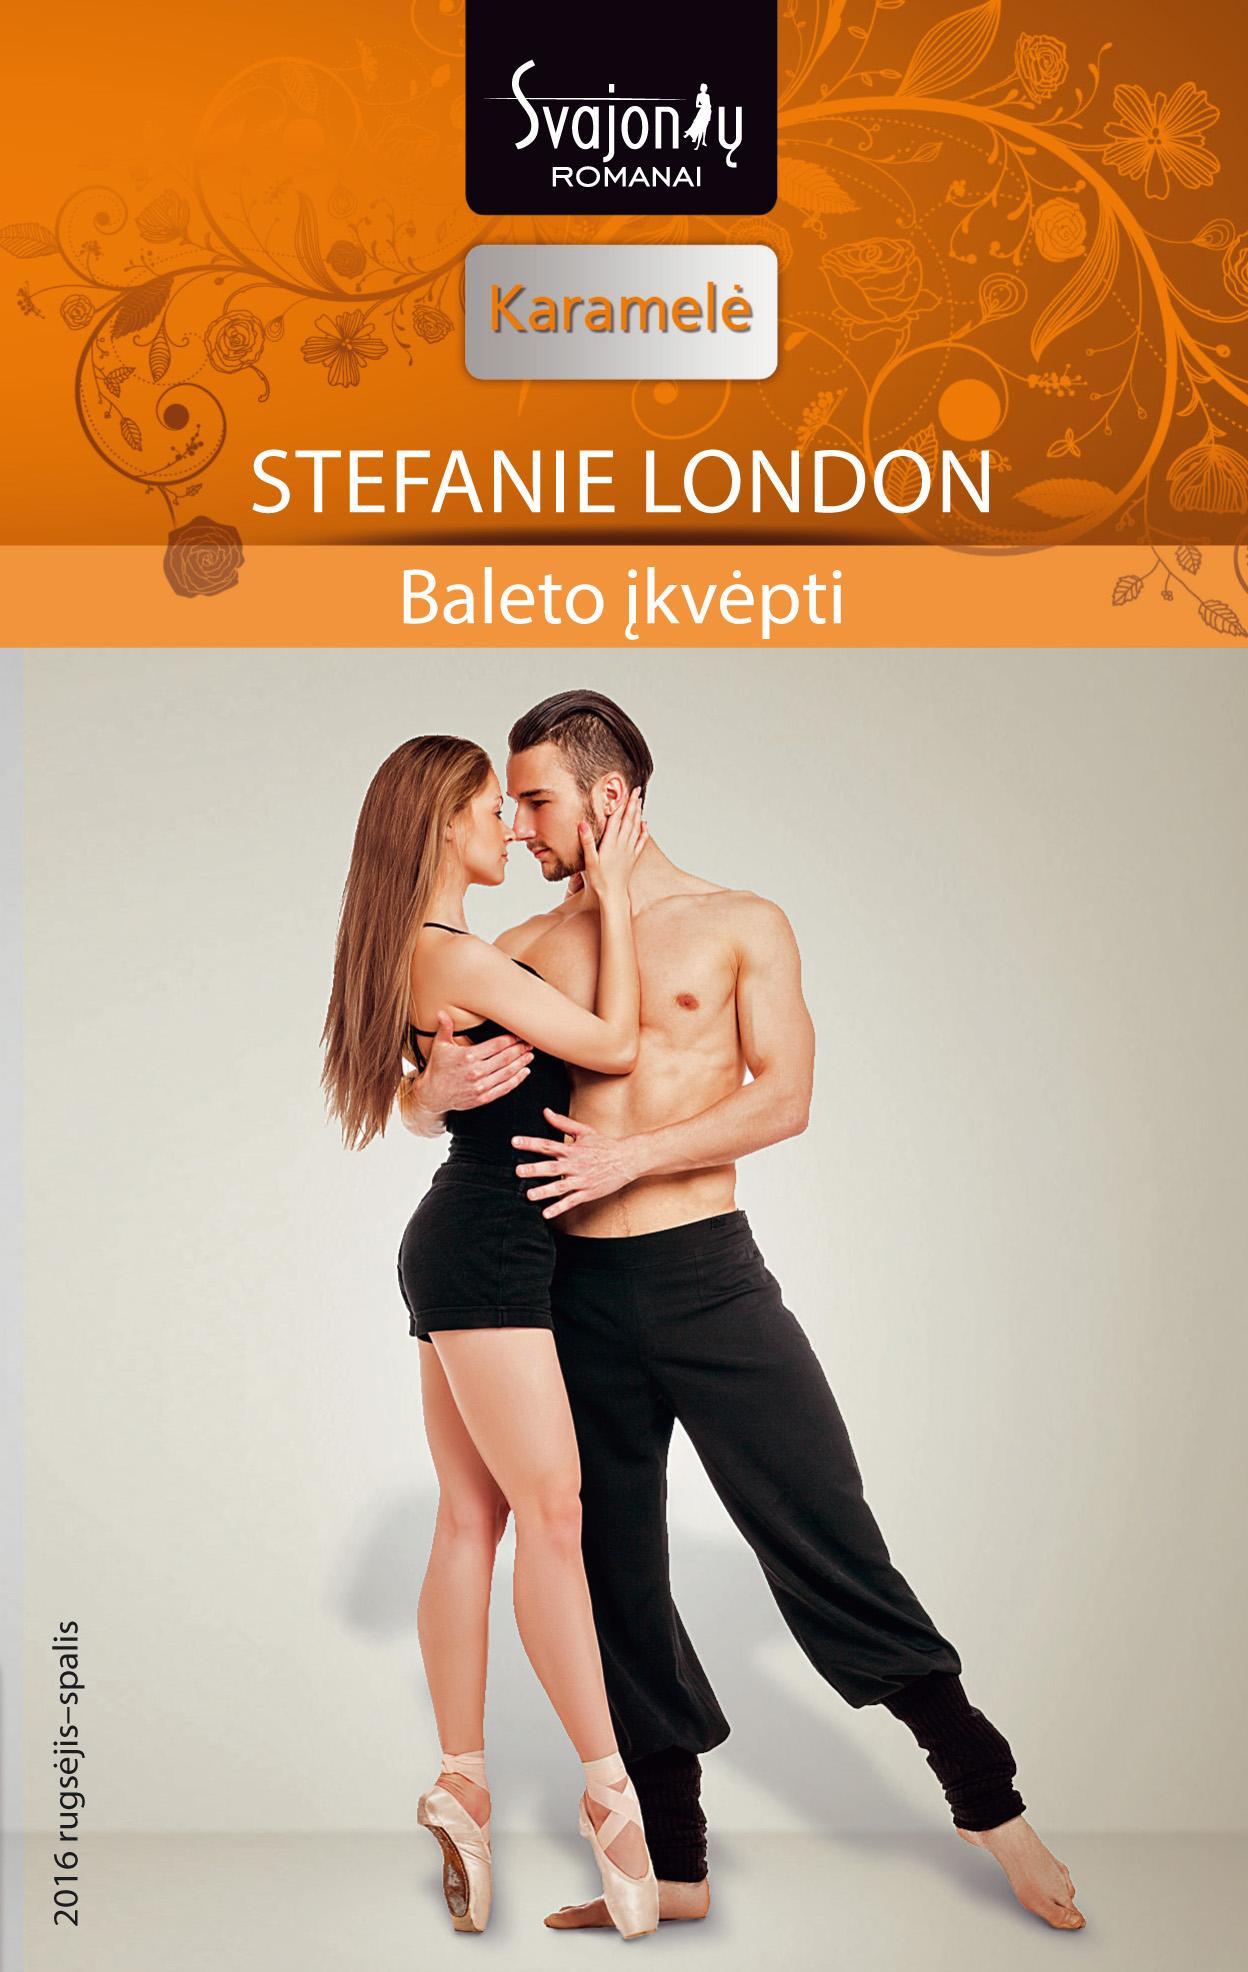 Stefanie London Baleto įkvėpti granto granto gr 0530 a